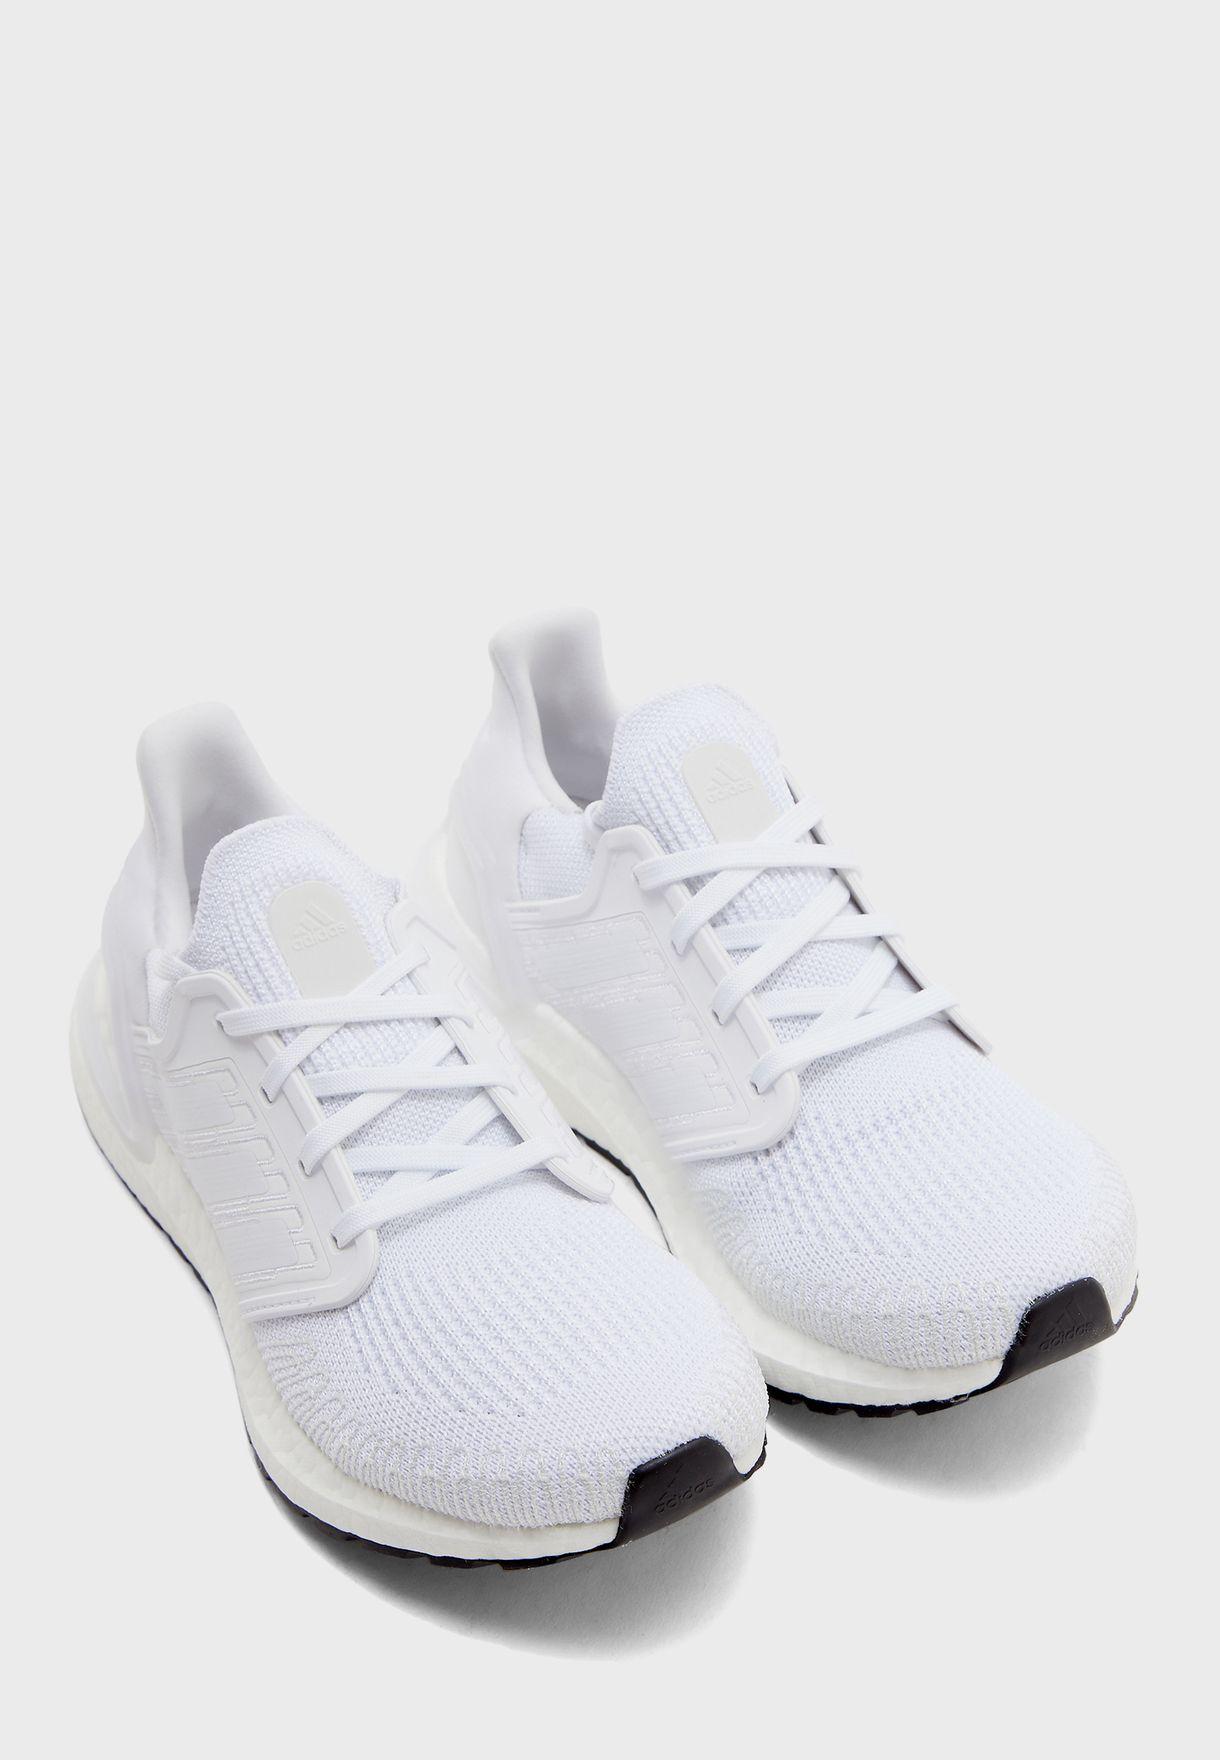 Ultraboost 20 DNA Women's Sports Running Shoes